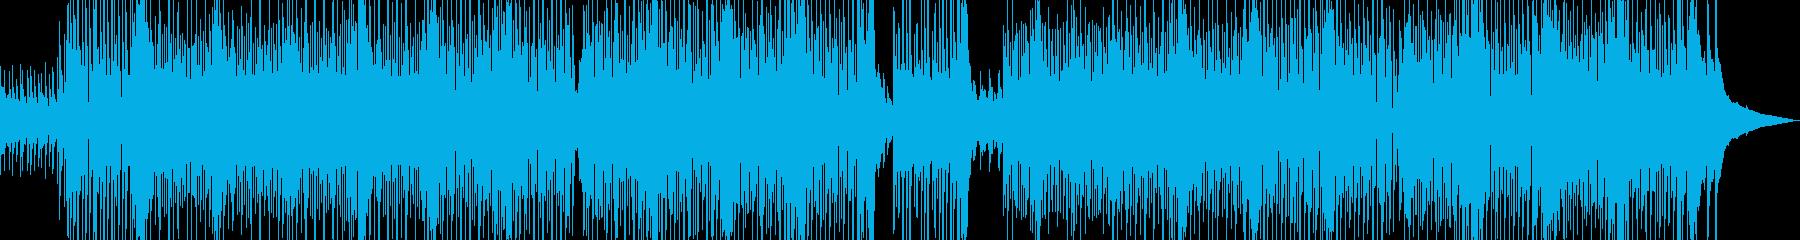 アワ風呂のようなフワモコテクノ Cの再生済みの波形